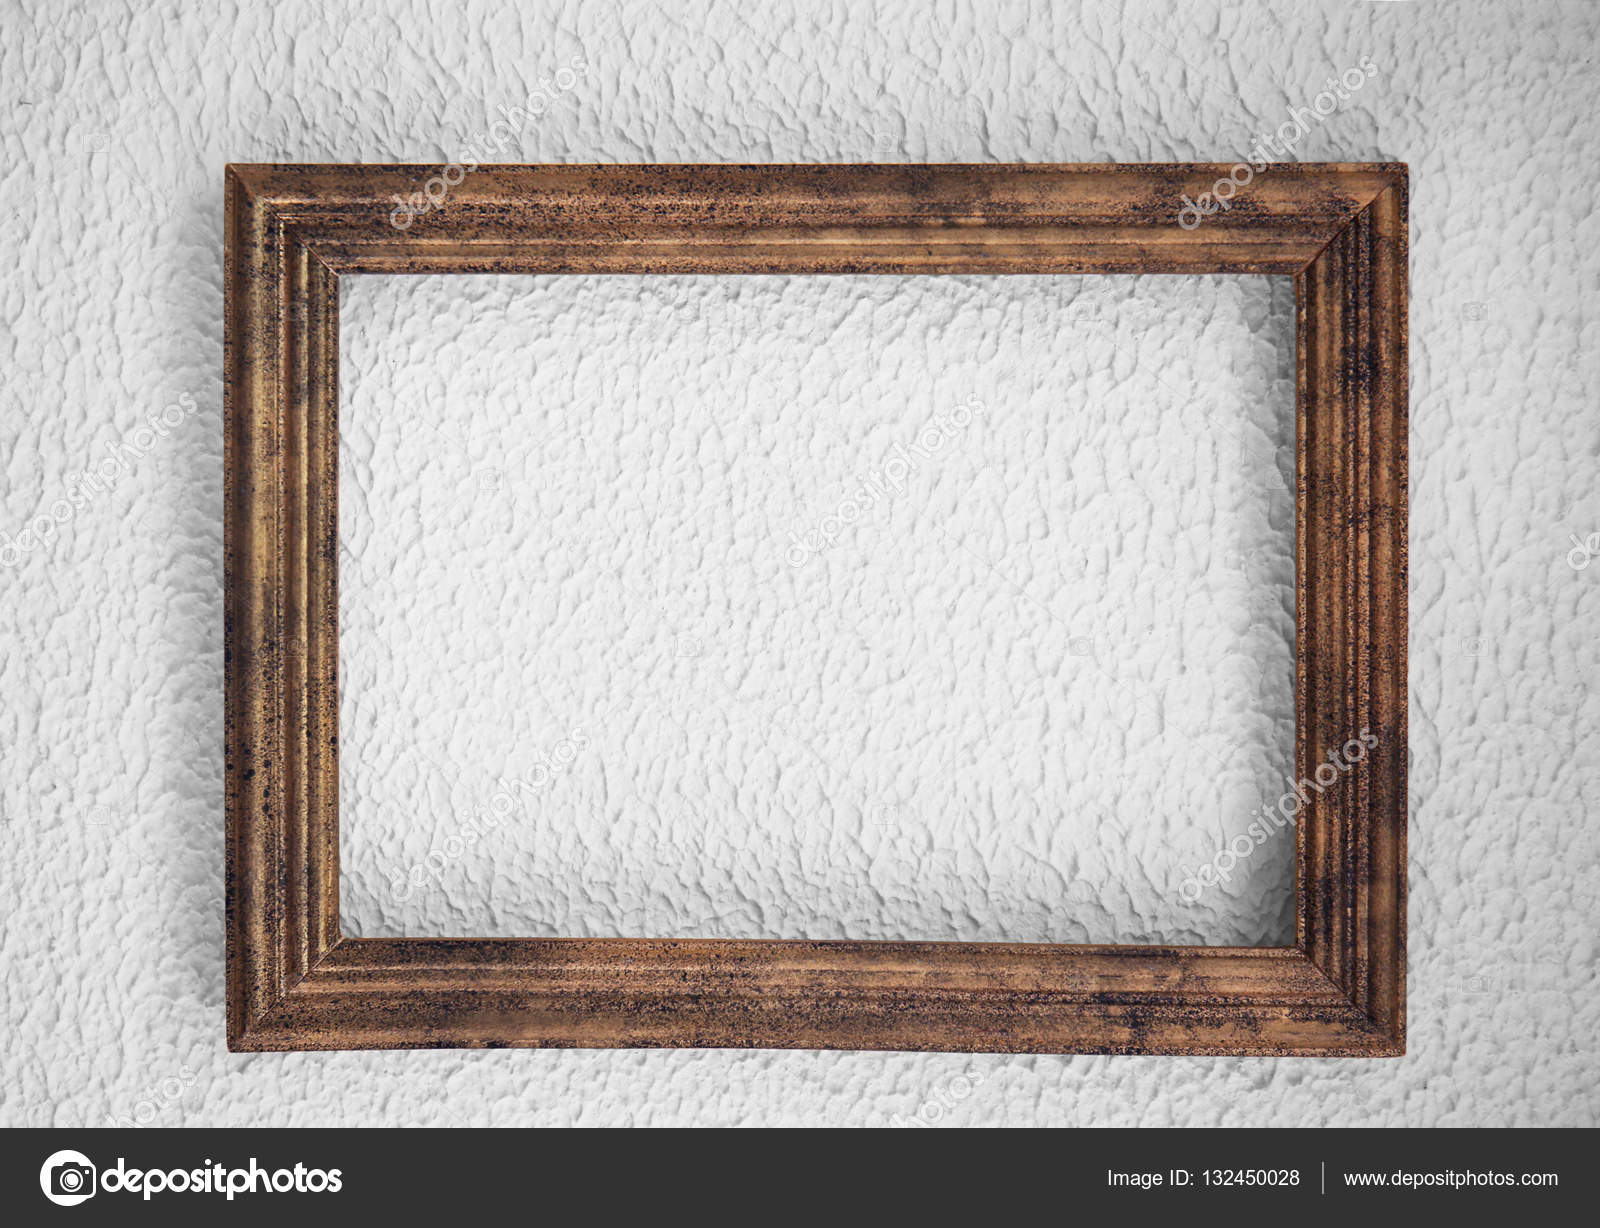 Fotos marcos de marco de madera vintage foto de stock belchonock 132450028 - Marcos de fotos vintage ...